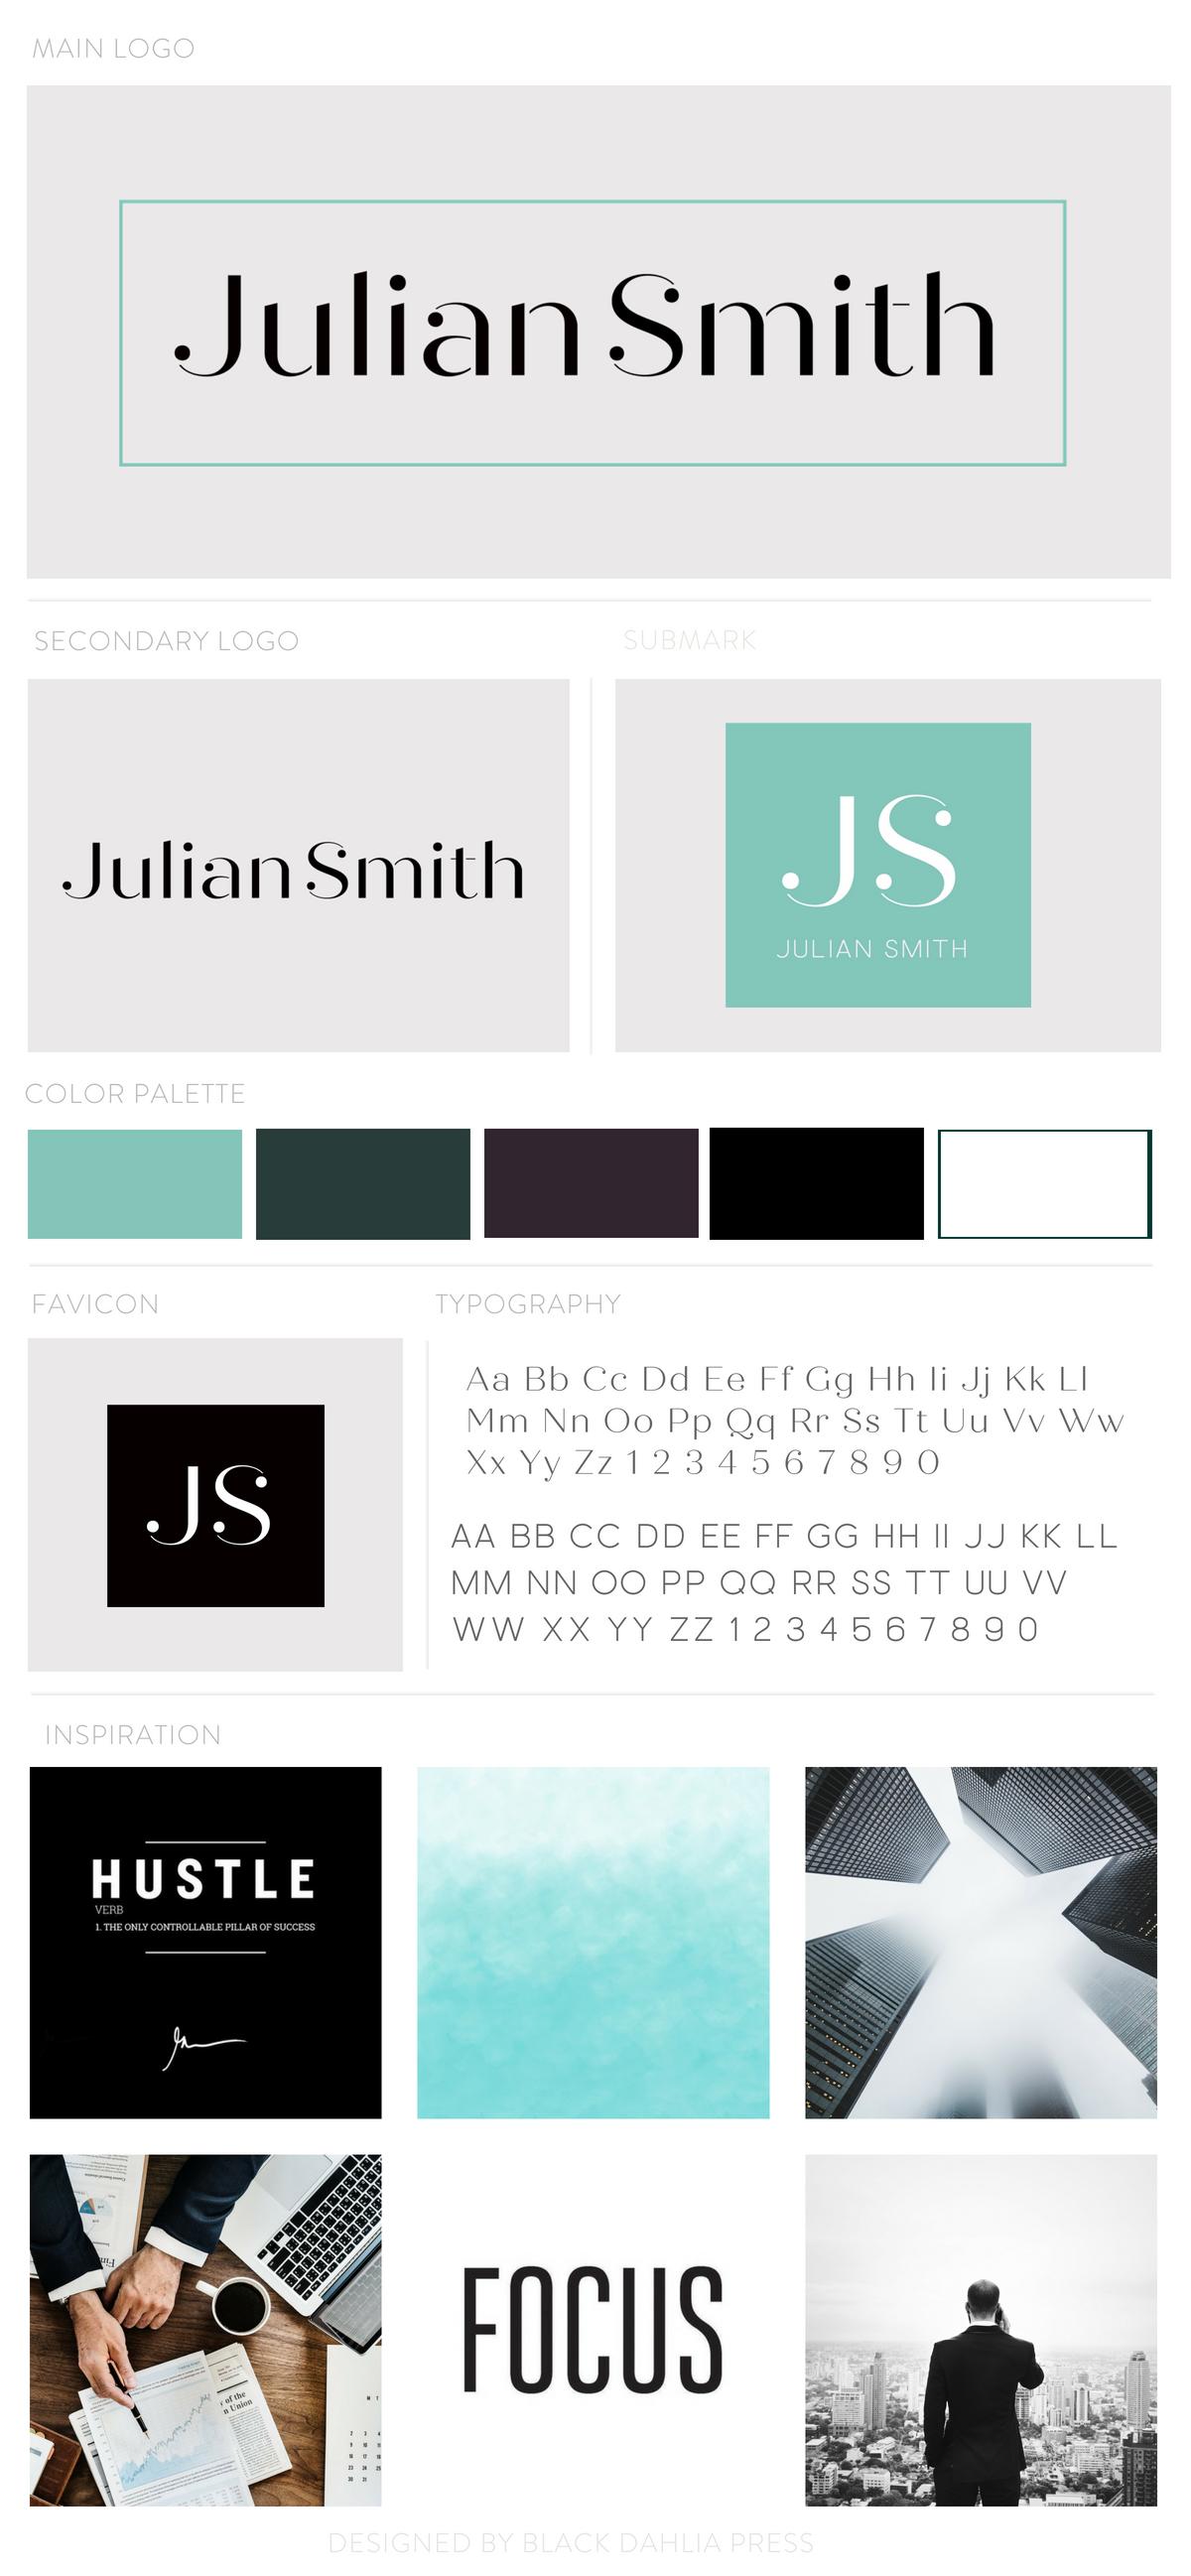 Julian smith.png